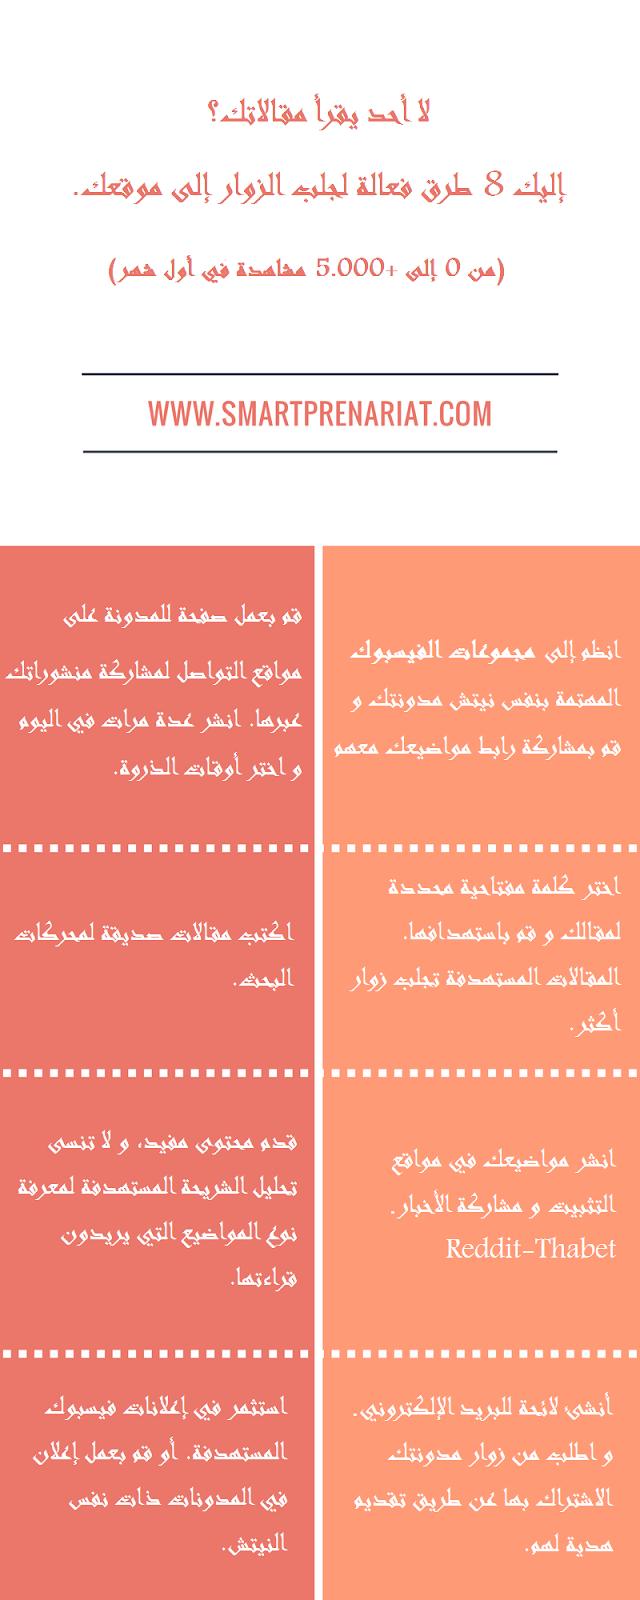 8 طرق فعالة لجلب الزوار إلى موقعك + infographic